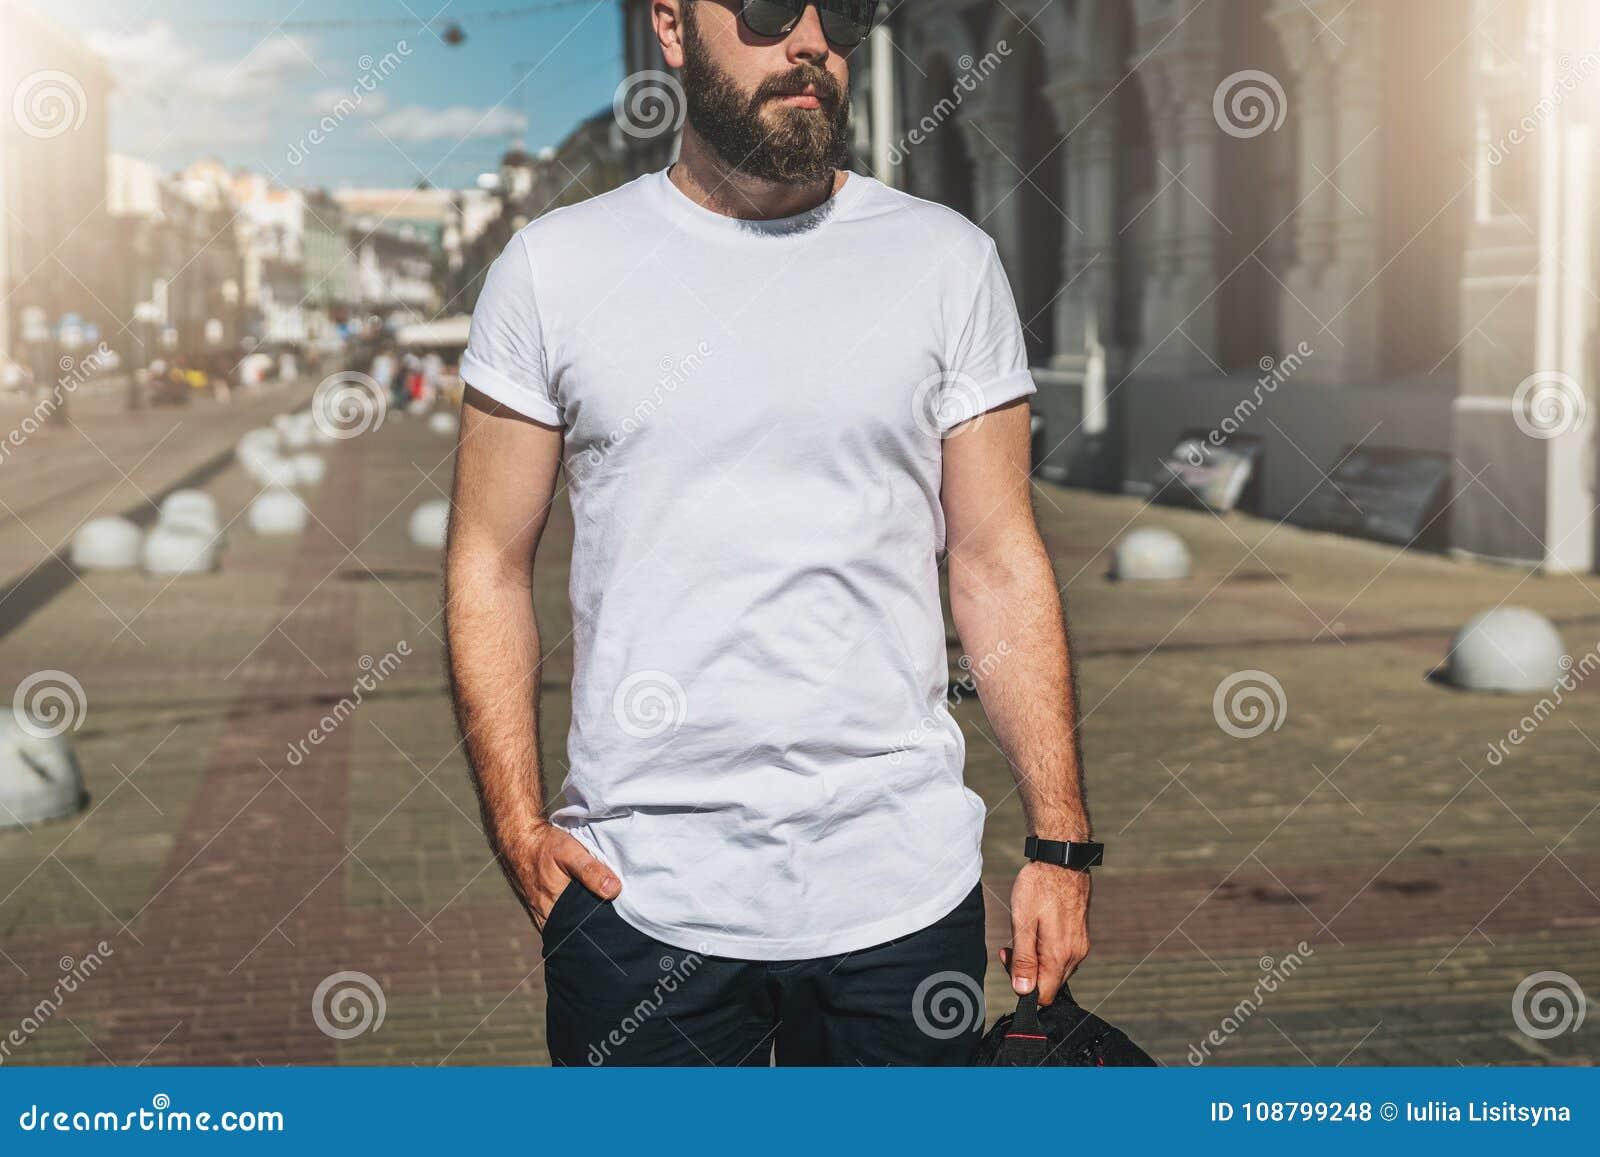 Bekläda beskådar Barnet uppsökte den millennial t-skjortan för iklädd vit för mannen, och solglasögon är ställningar på stadsgata